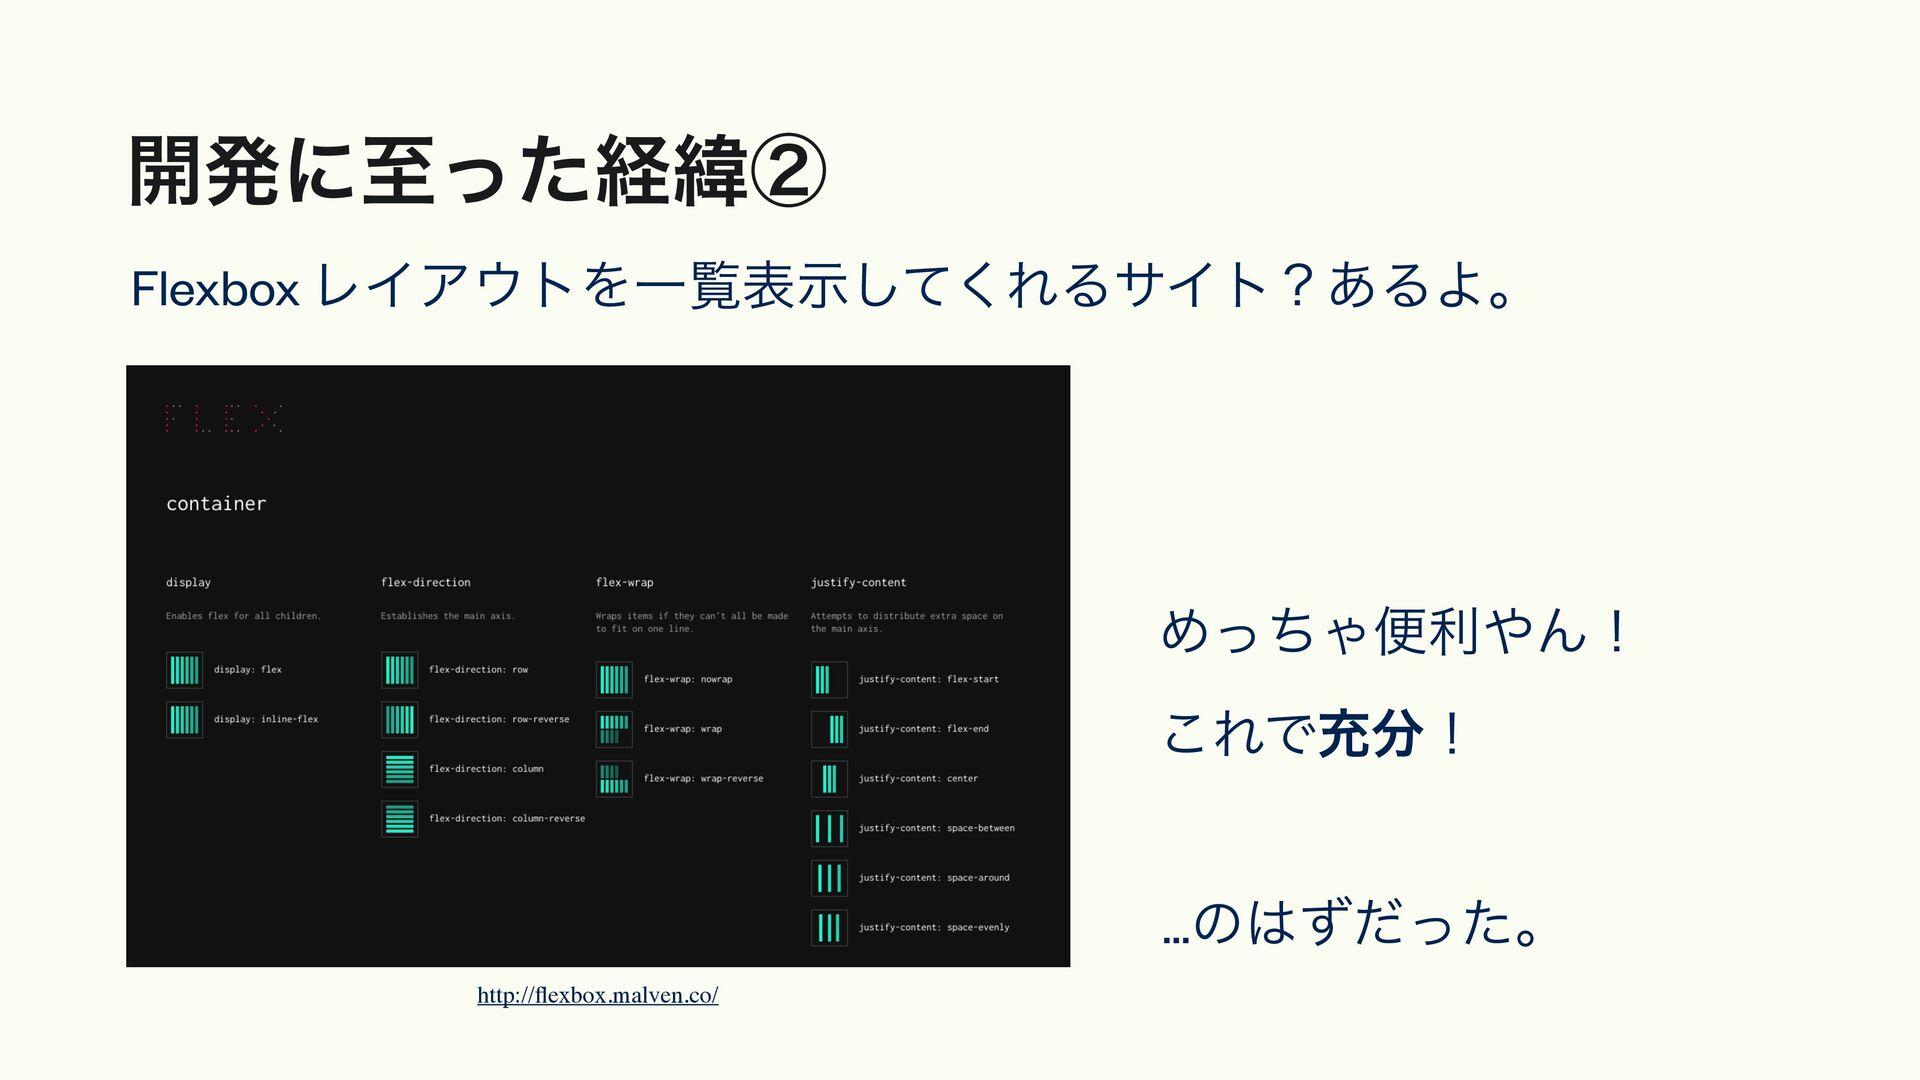 ։ൃʹࢸͬͨܦҢᶃ • ͕ࣗͲΕͨ͠ Flexbox ͷϓϩύςΟ໊ΛGoogleݕࡧͰௐ...